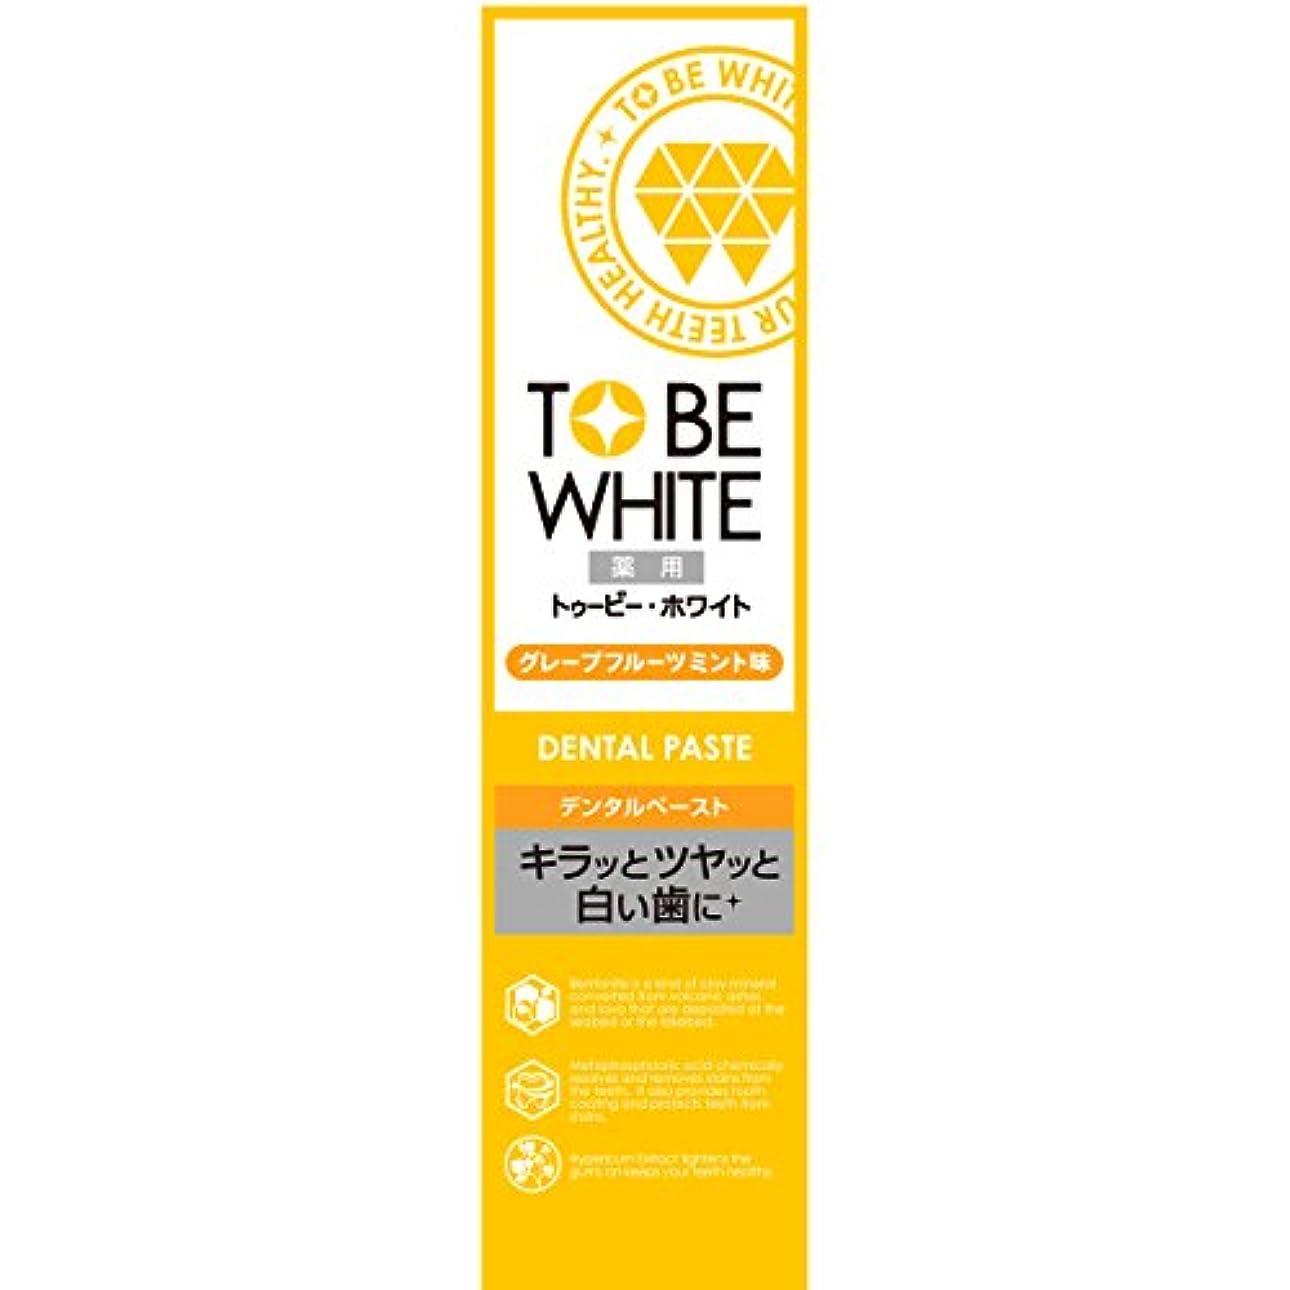 ふつう余暇実際のトゥービー?ホワイト 薬用 ホワイトニング ハミガキ粉 グレープフルーツミント 味 60g 【医薬部外品】